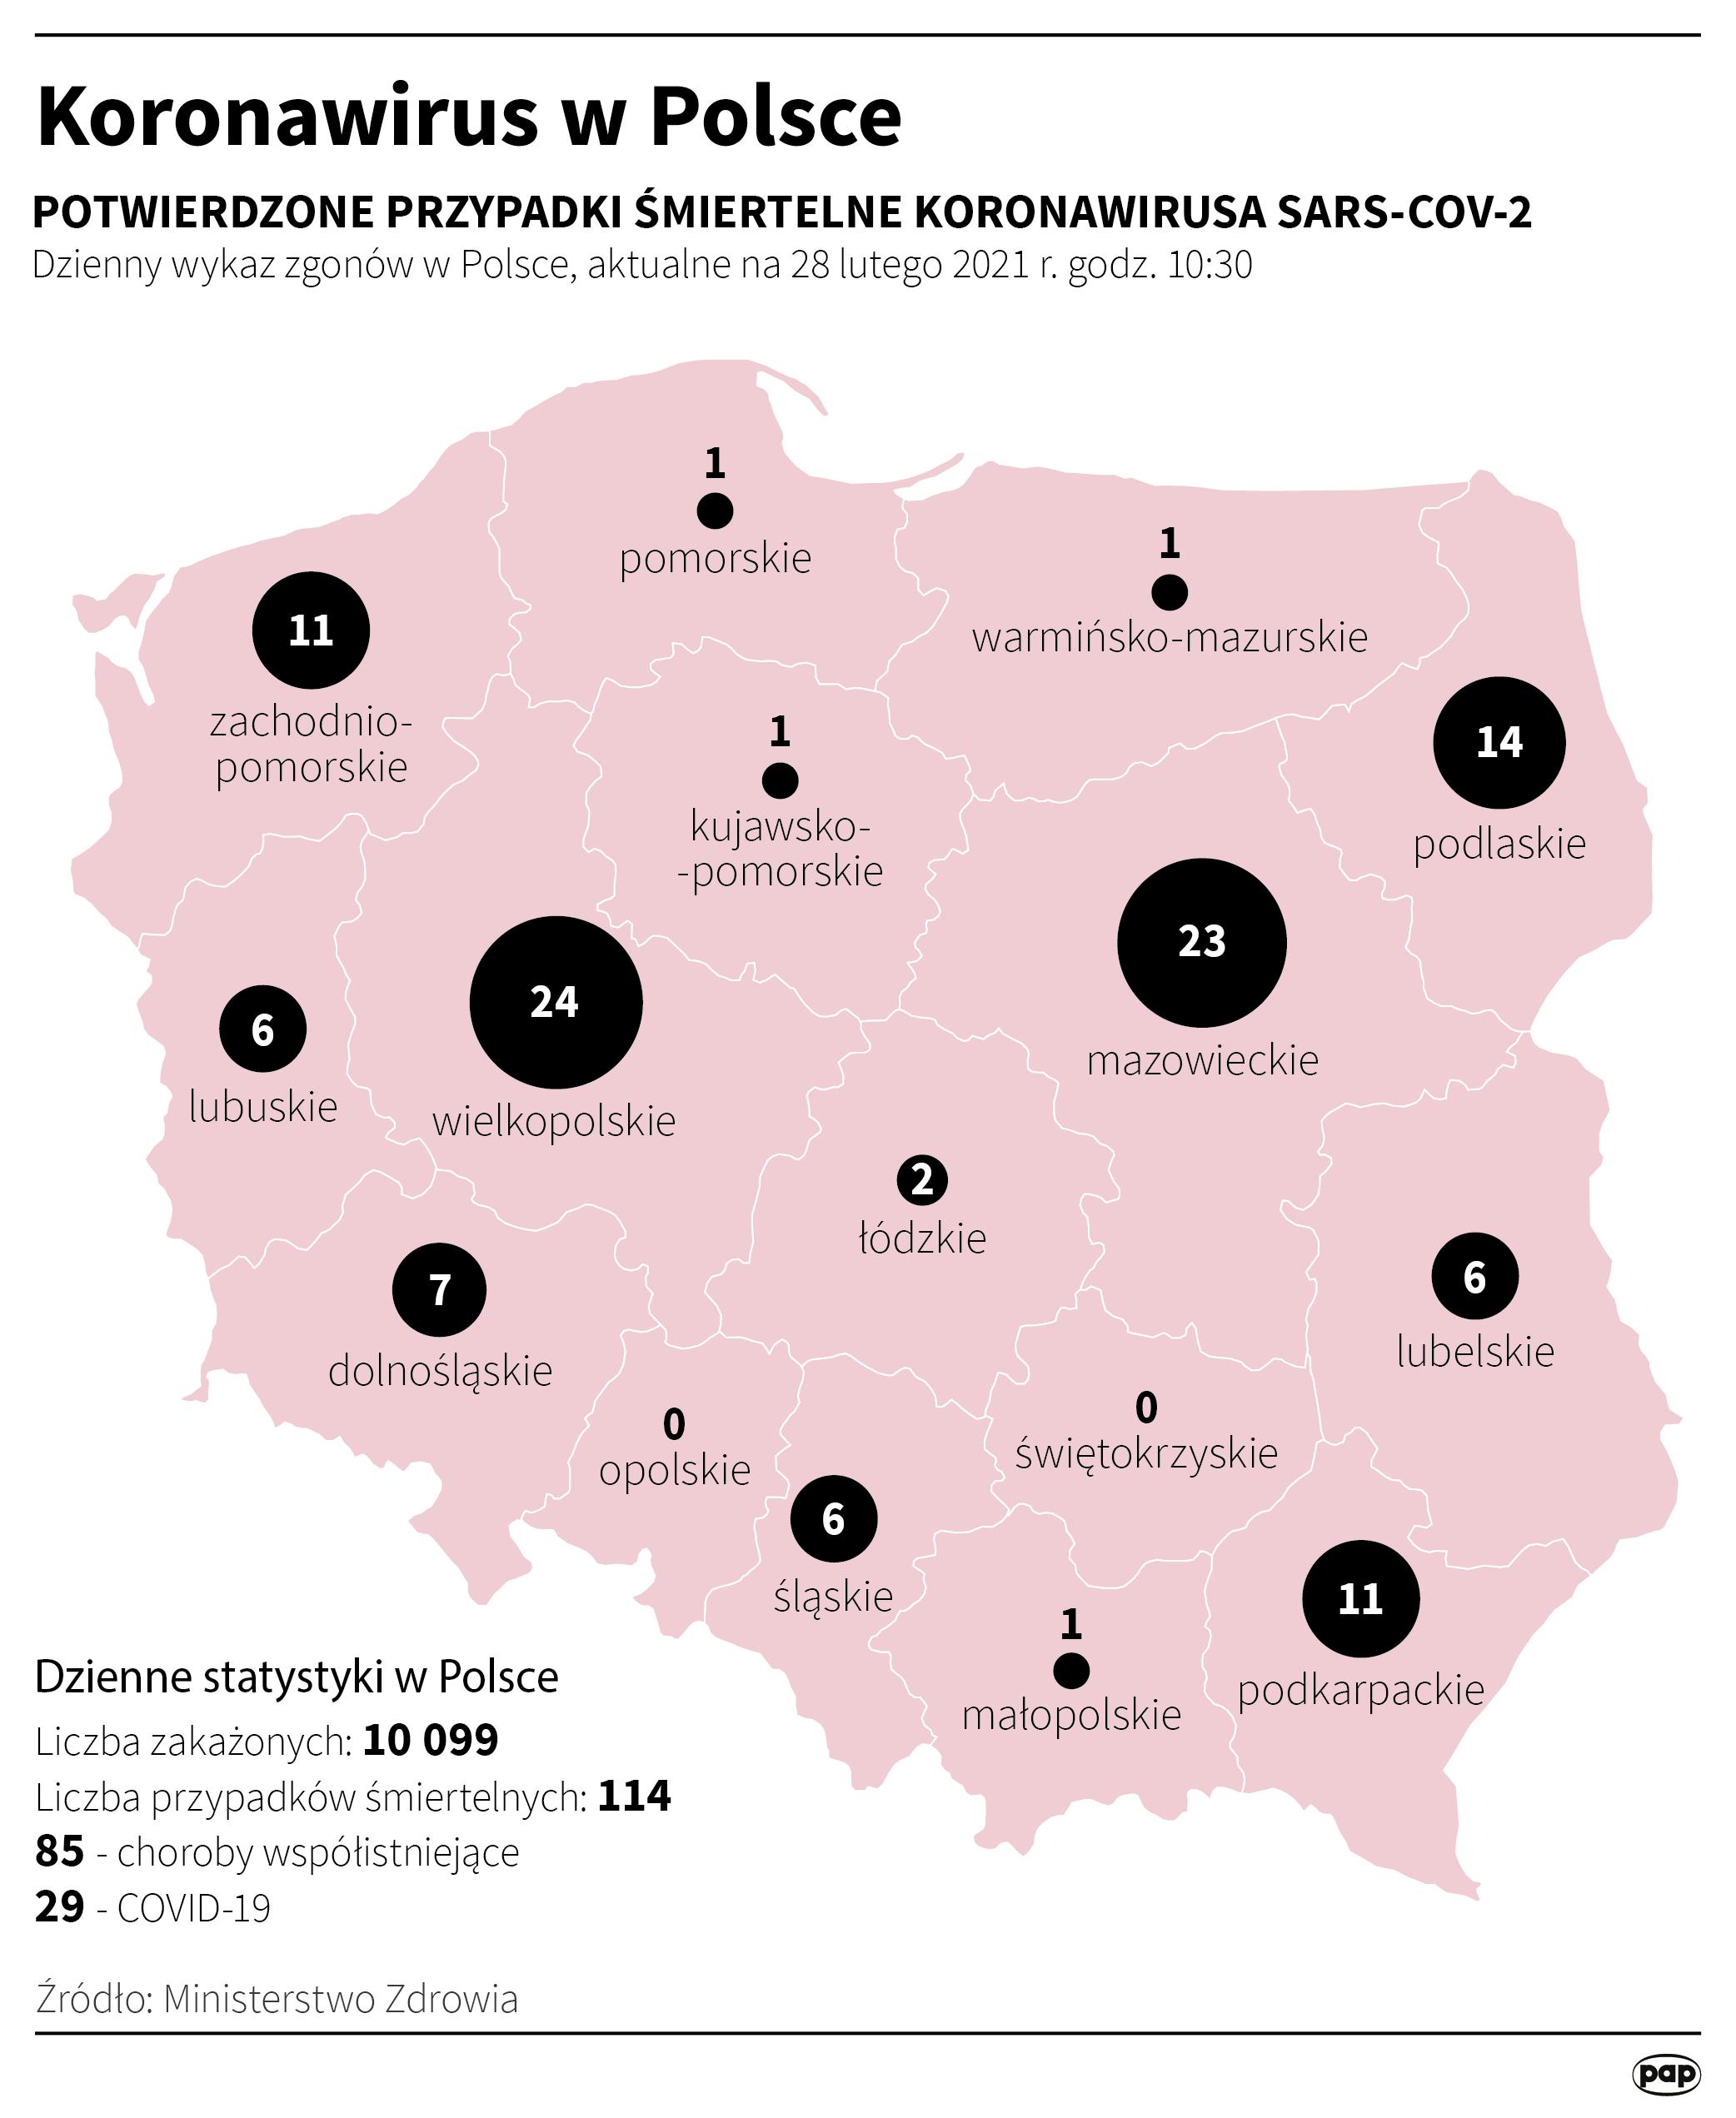 Koronawirus w Polsce stan na 28 lutego [autor: Maciej Zieliński, źródło: PAP]